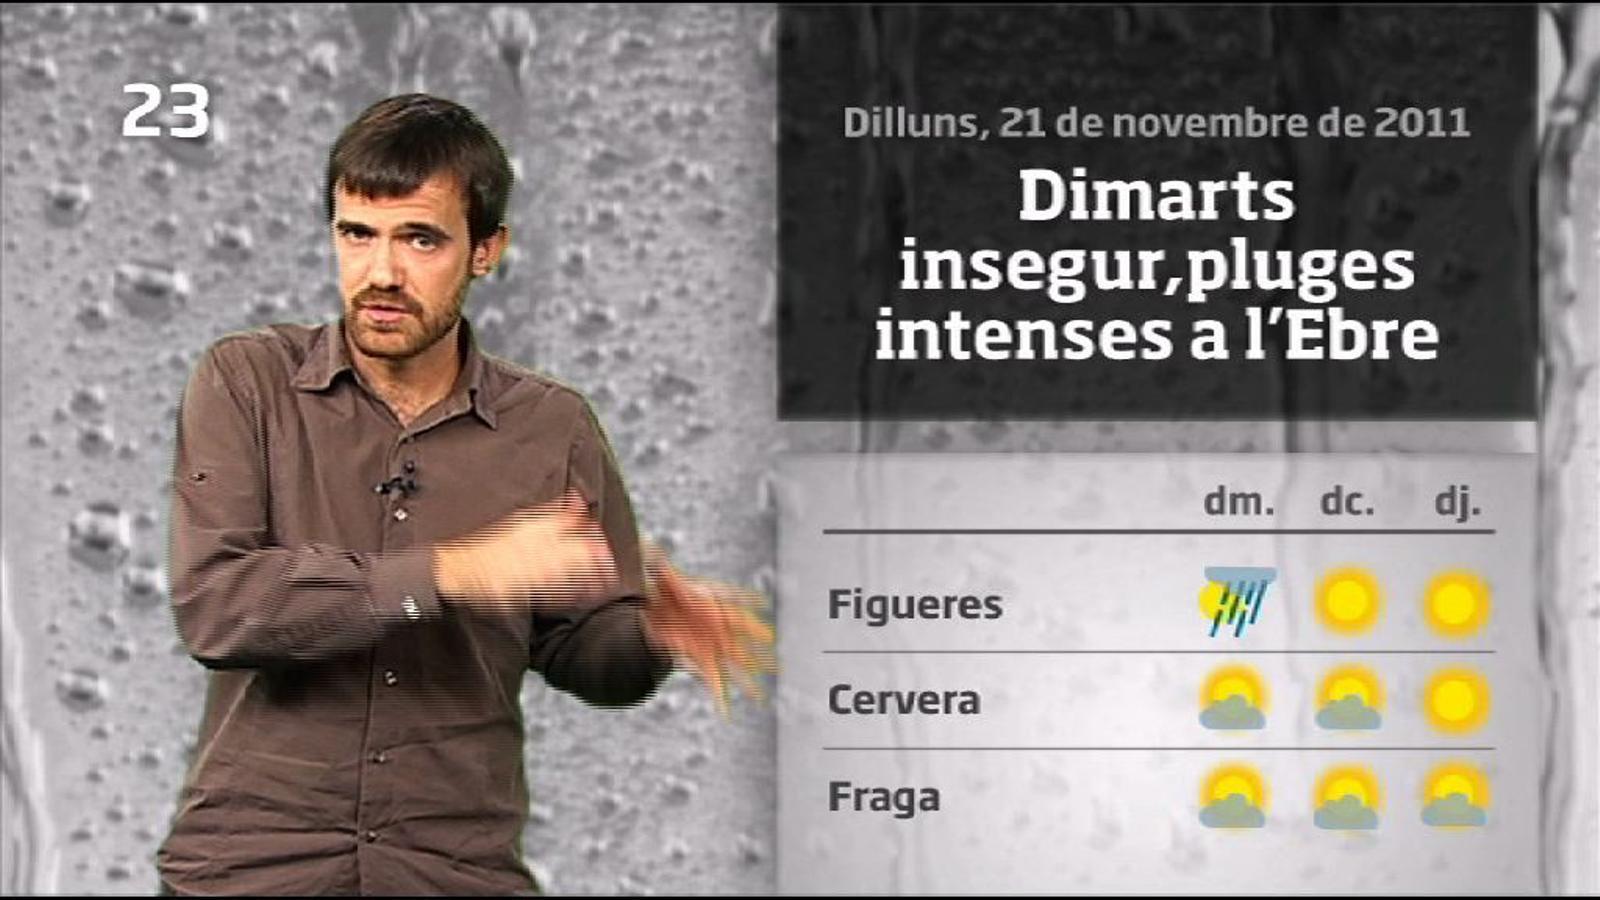 La méteo en 1 minut: més aiguats fins dimecres (22/11/2011)